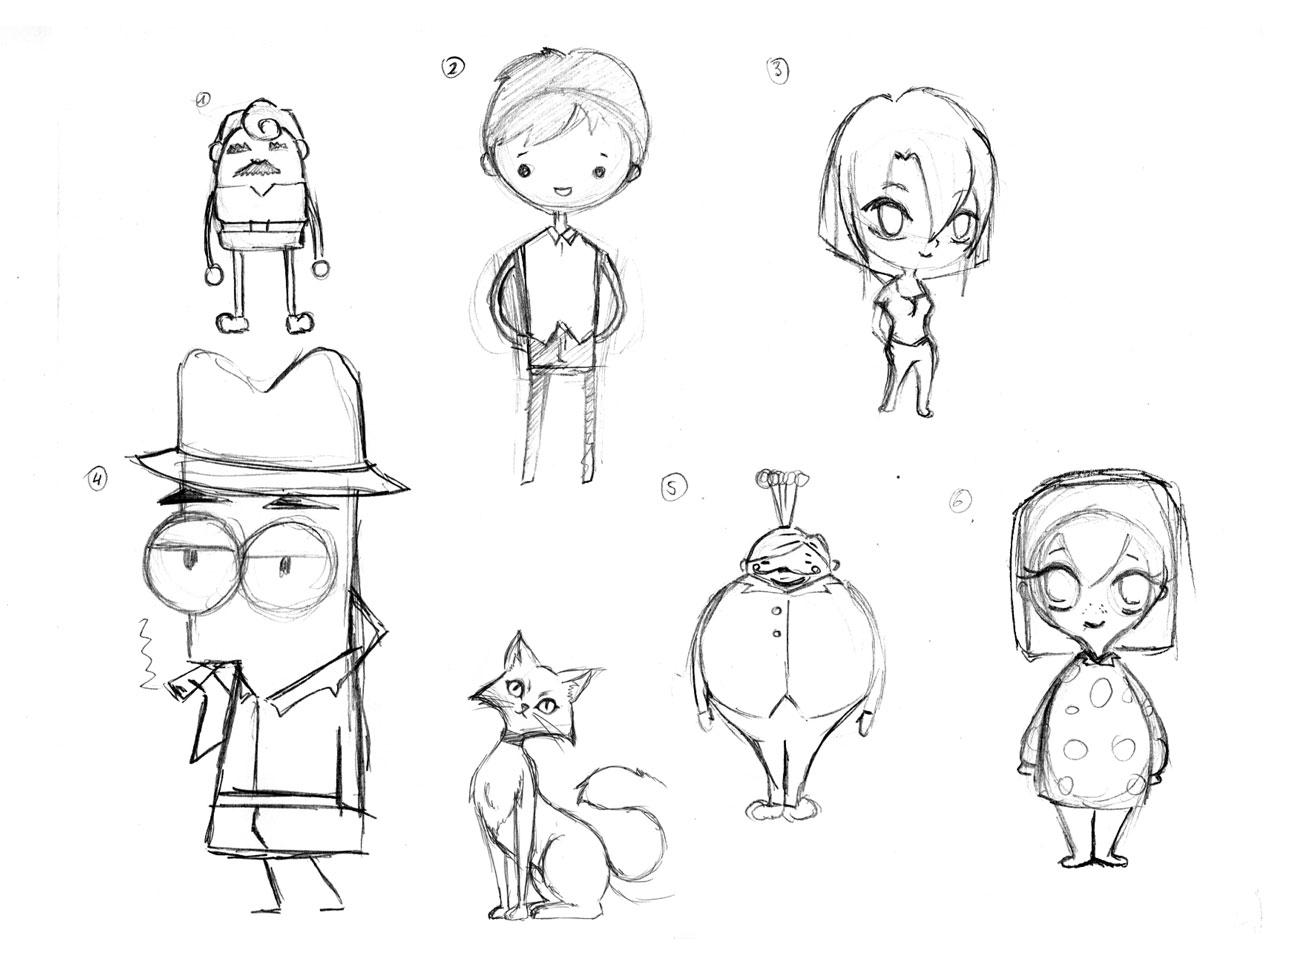 Charakterdesign Entwurf diverser Charaktere